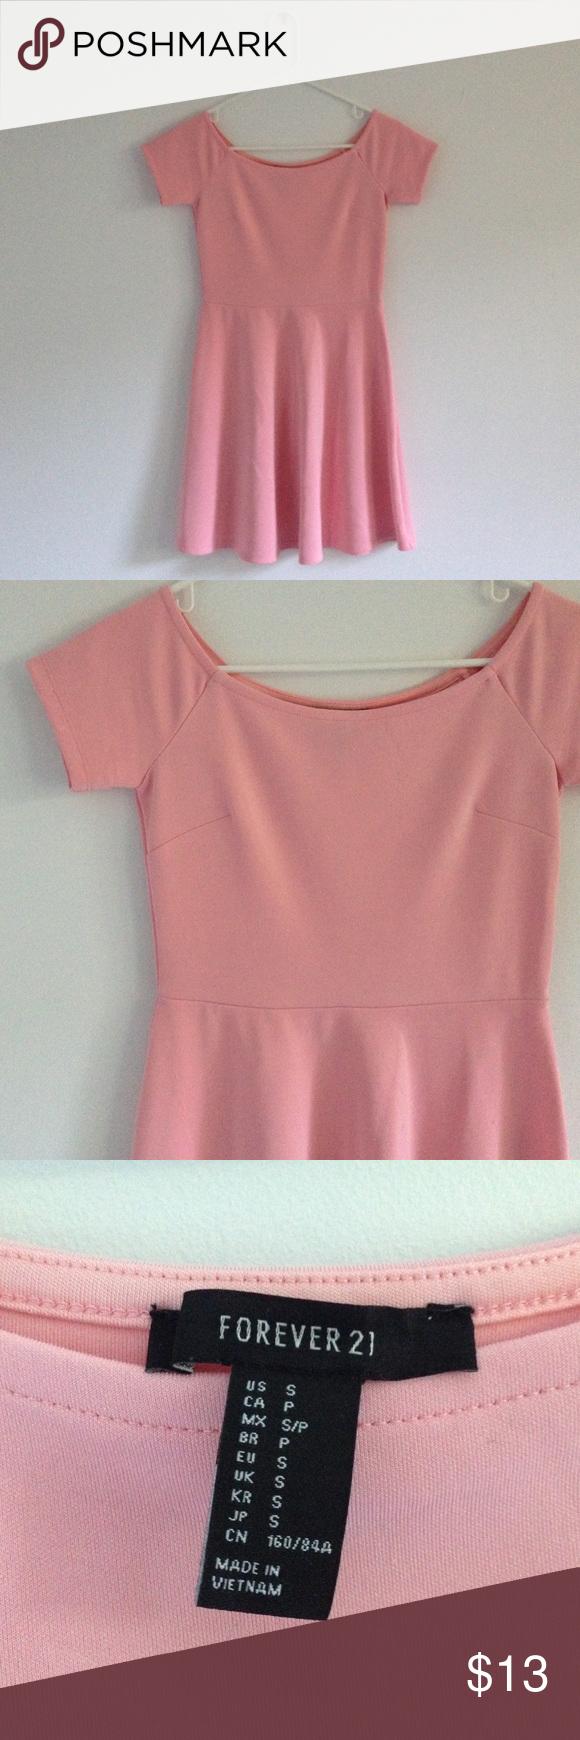 Forever 21 Skater Dress Tight Fitting, Thick Material, Flowy Skirt, Sundress Forever 21 Dresses Mini